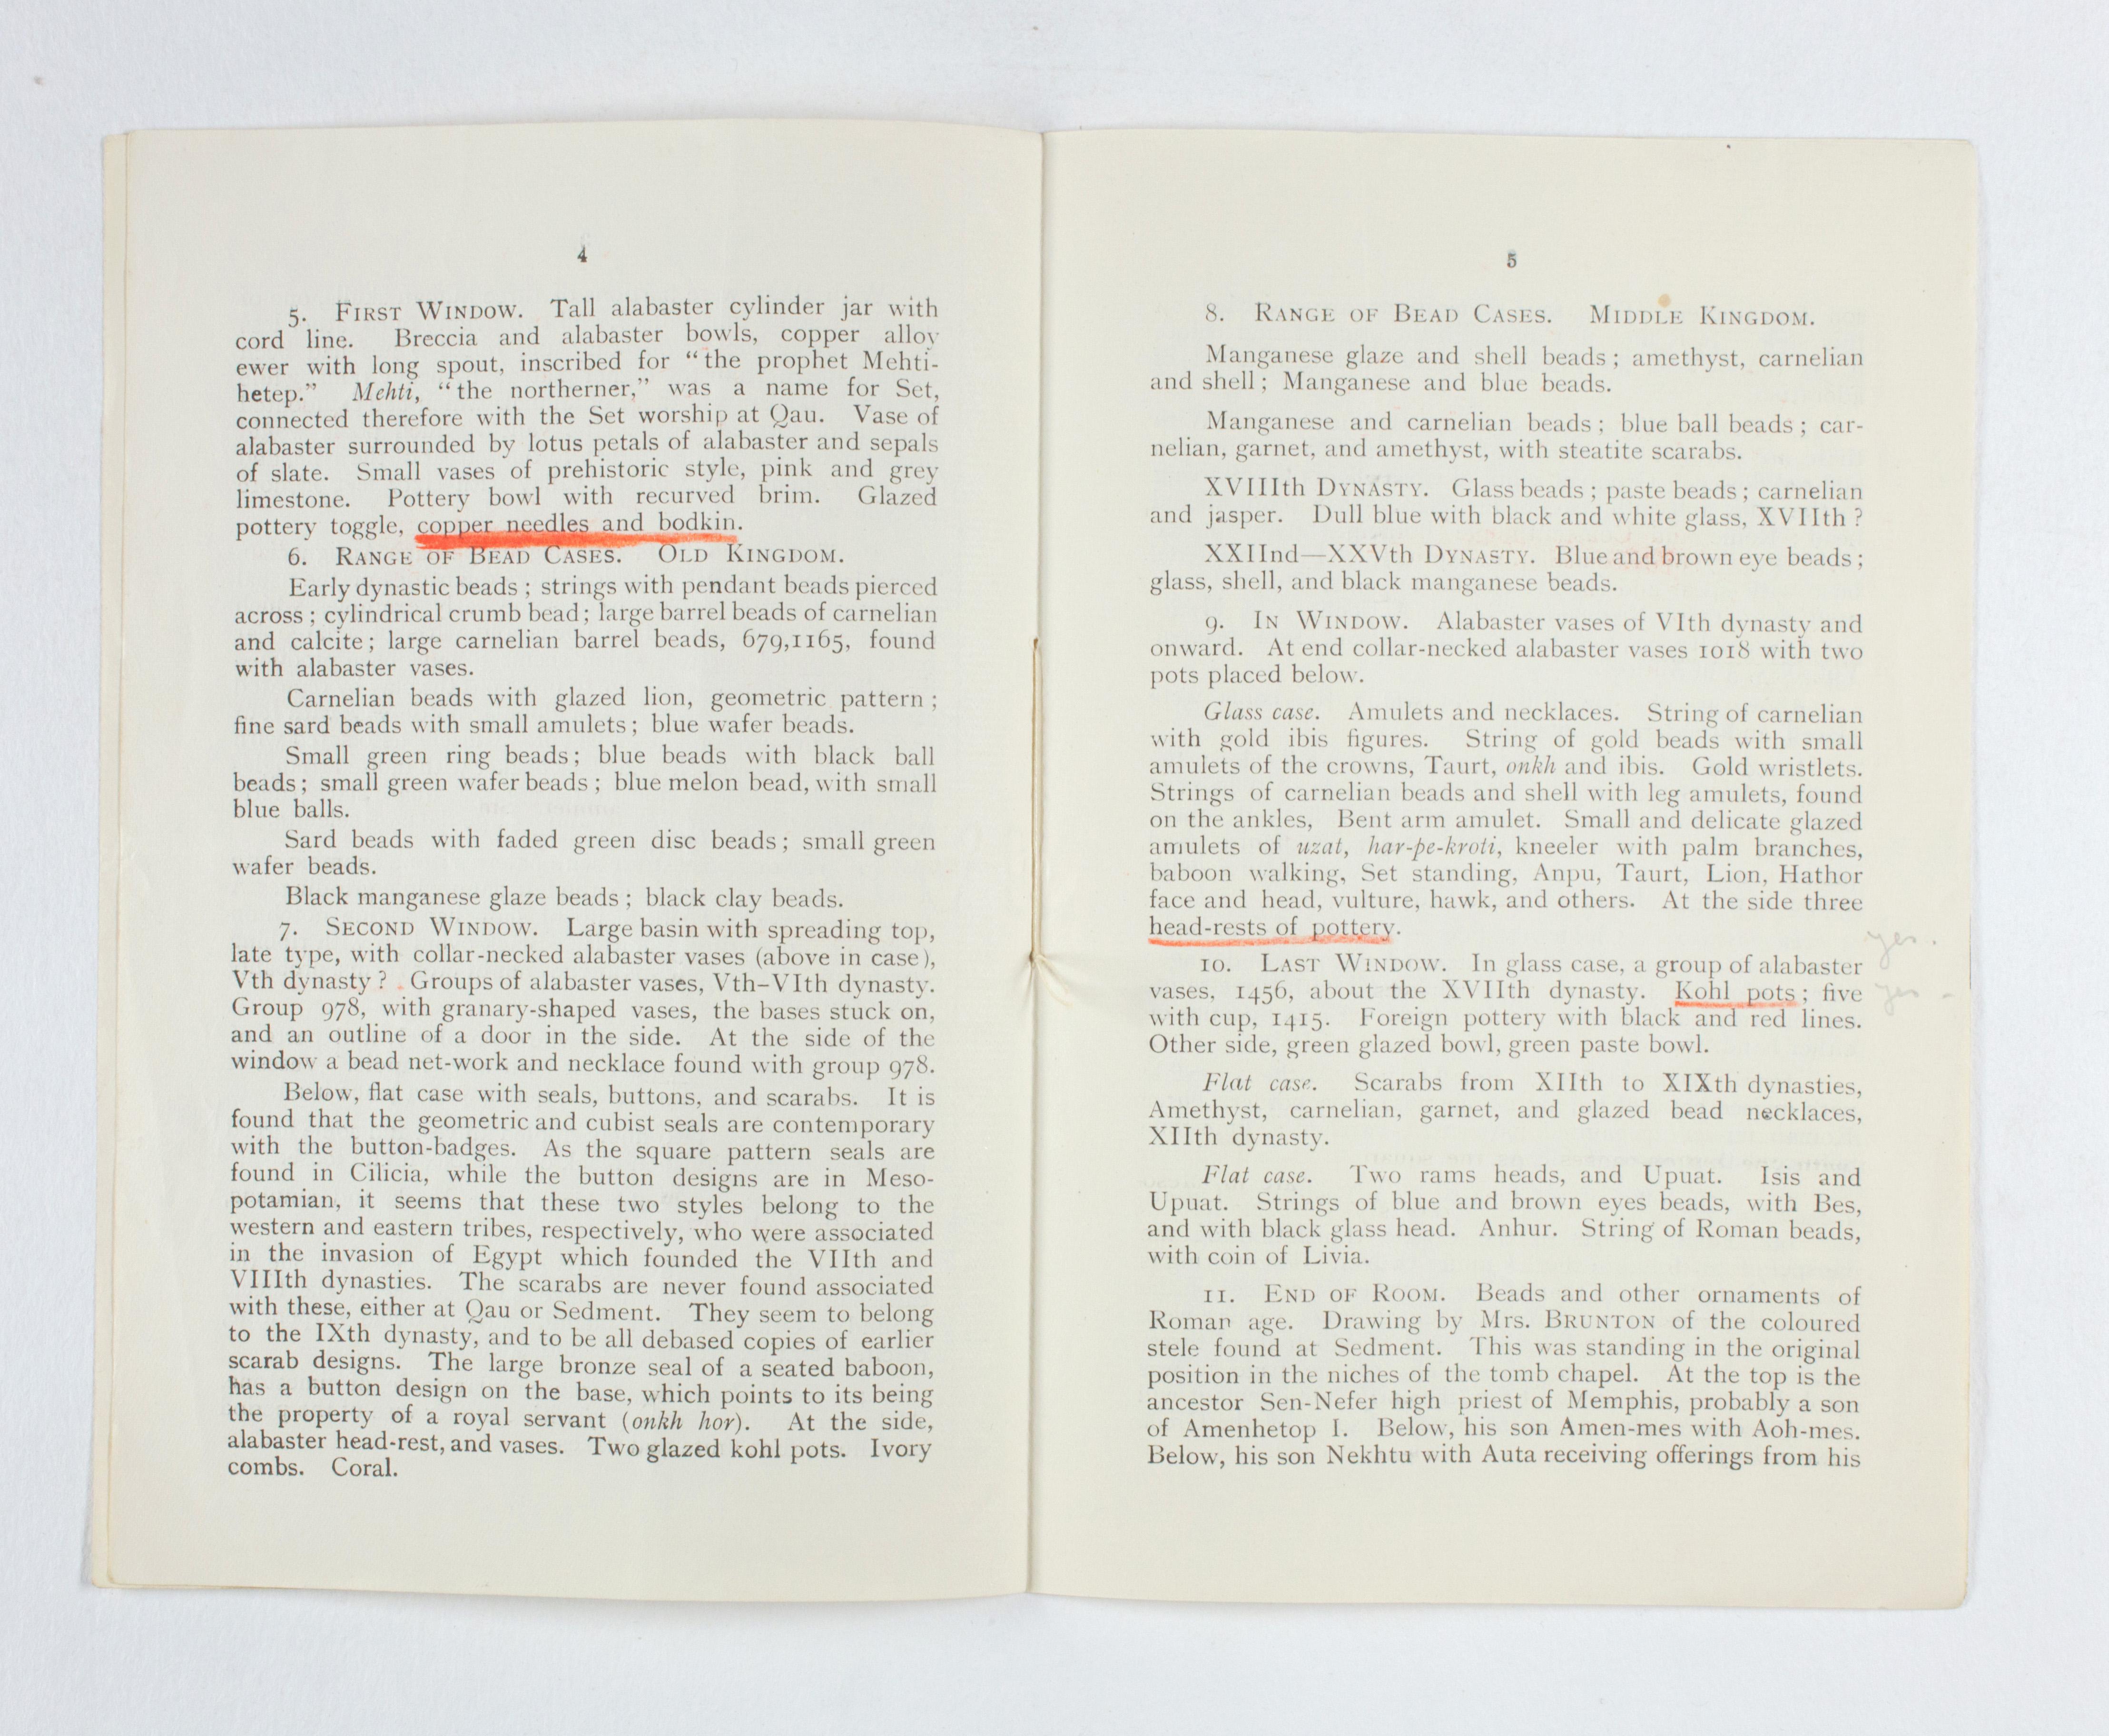 1922-23 Qau el-Kebir Exhibition catalogue PMA/WFP1/D/26/30.5